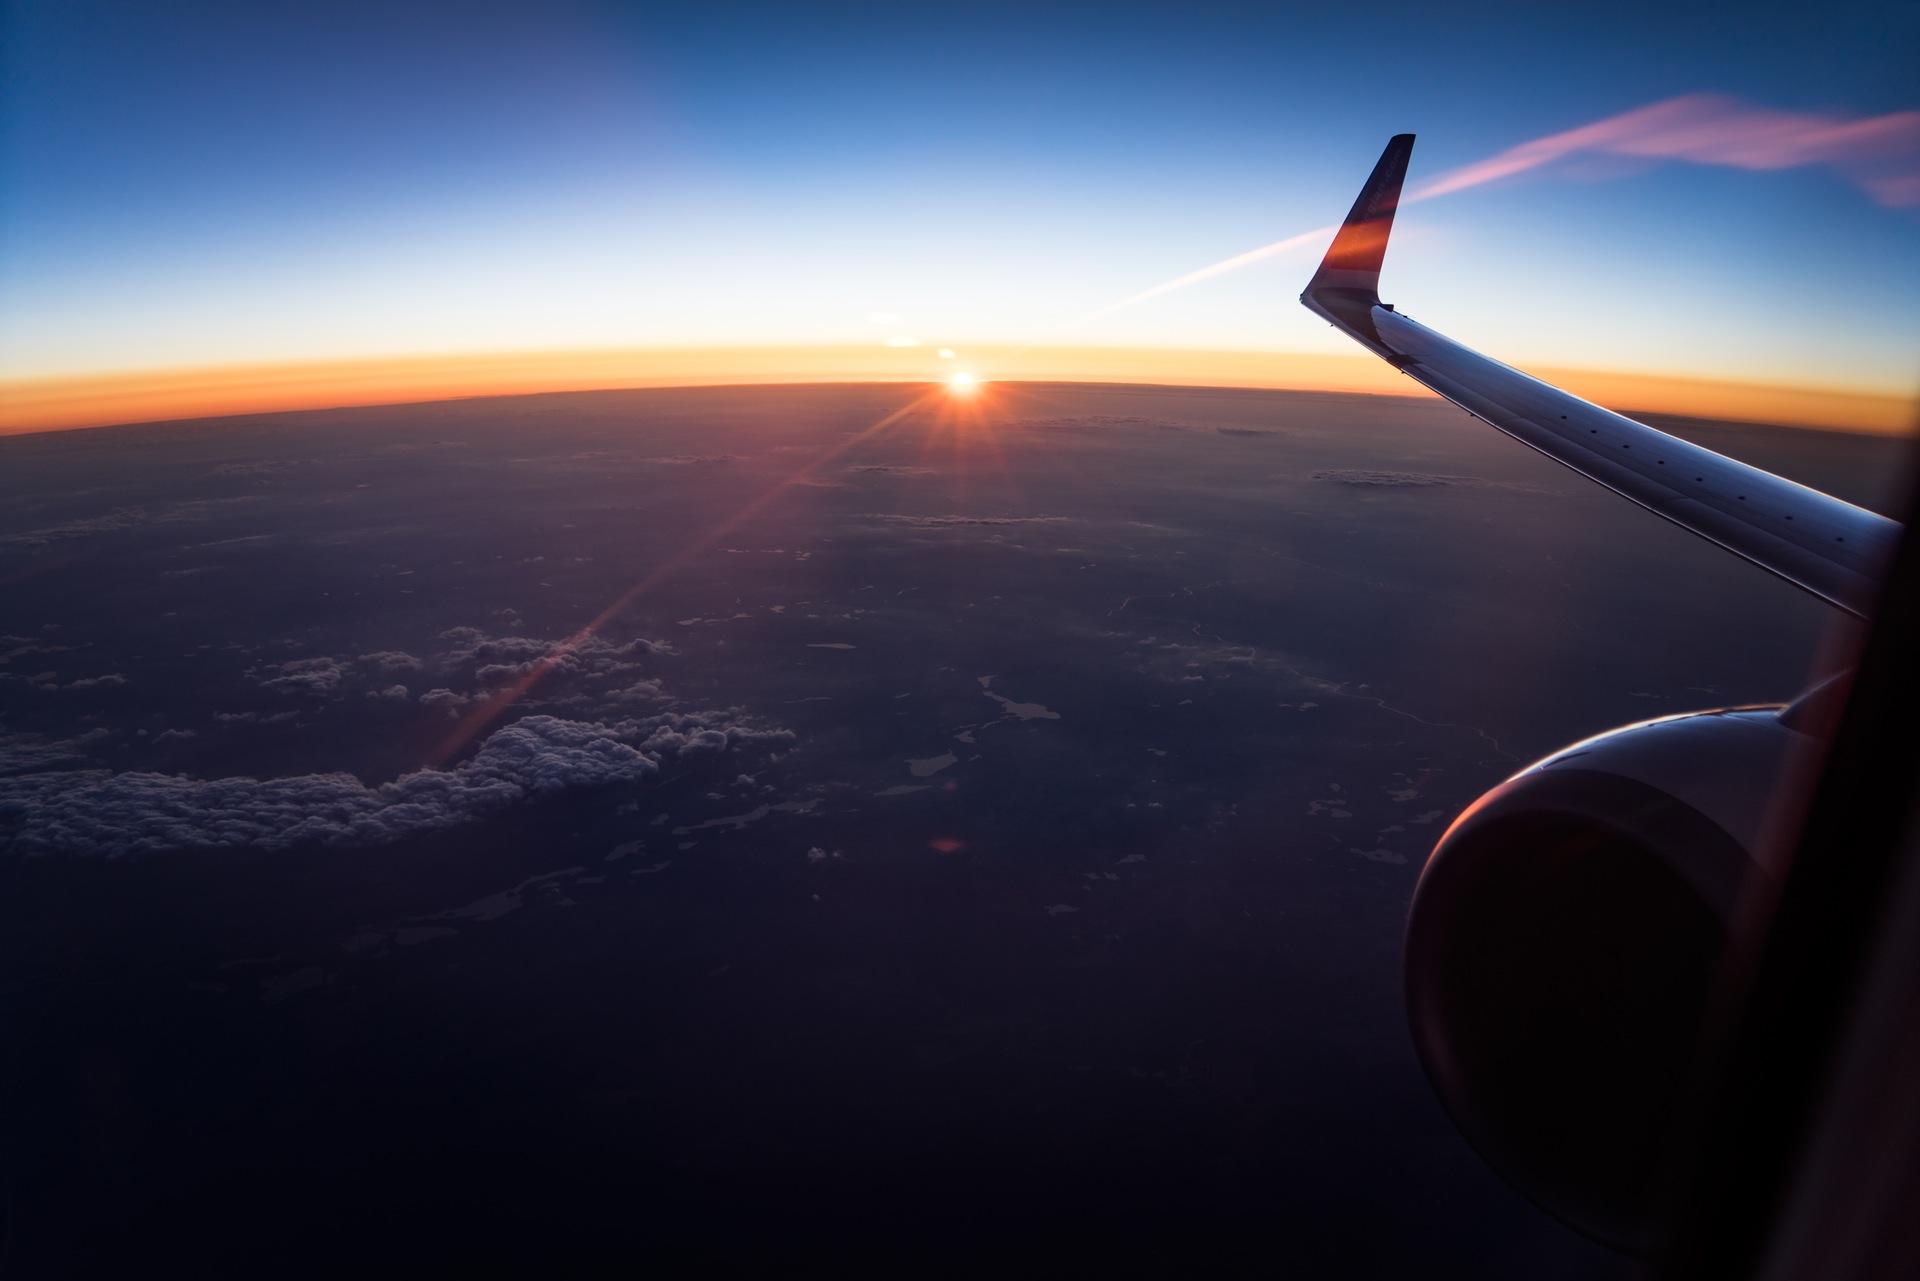 Небо, самолеты, облака, Закат, Солнце, Муха - Обои HD - Профессор falken.com